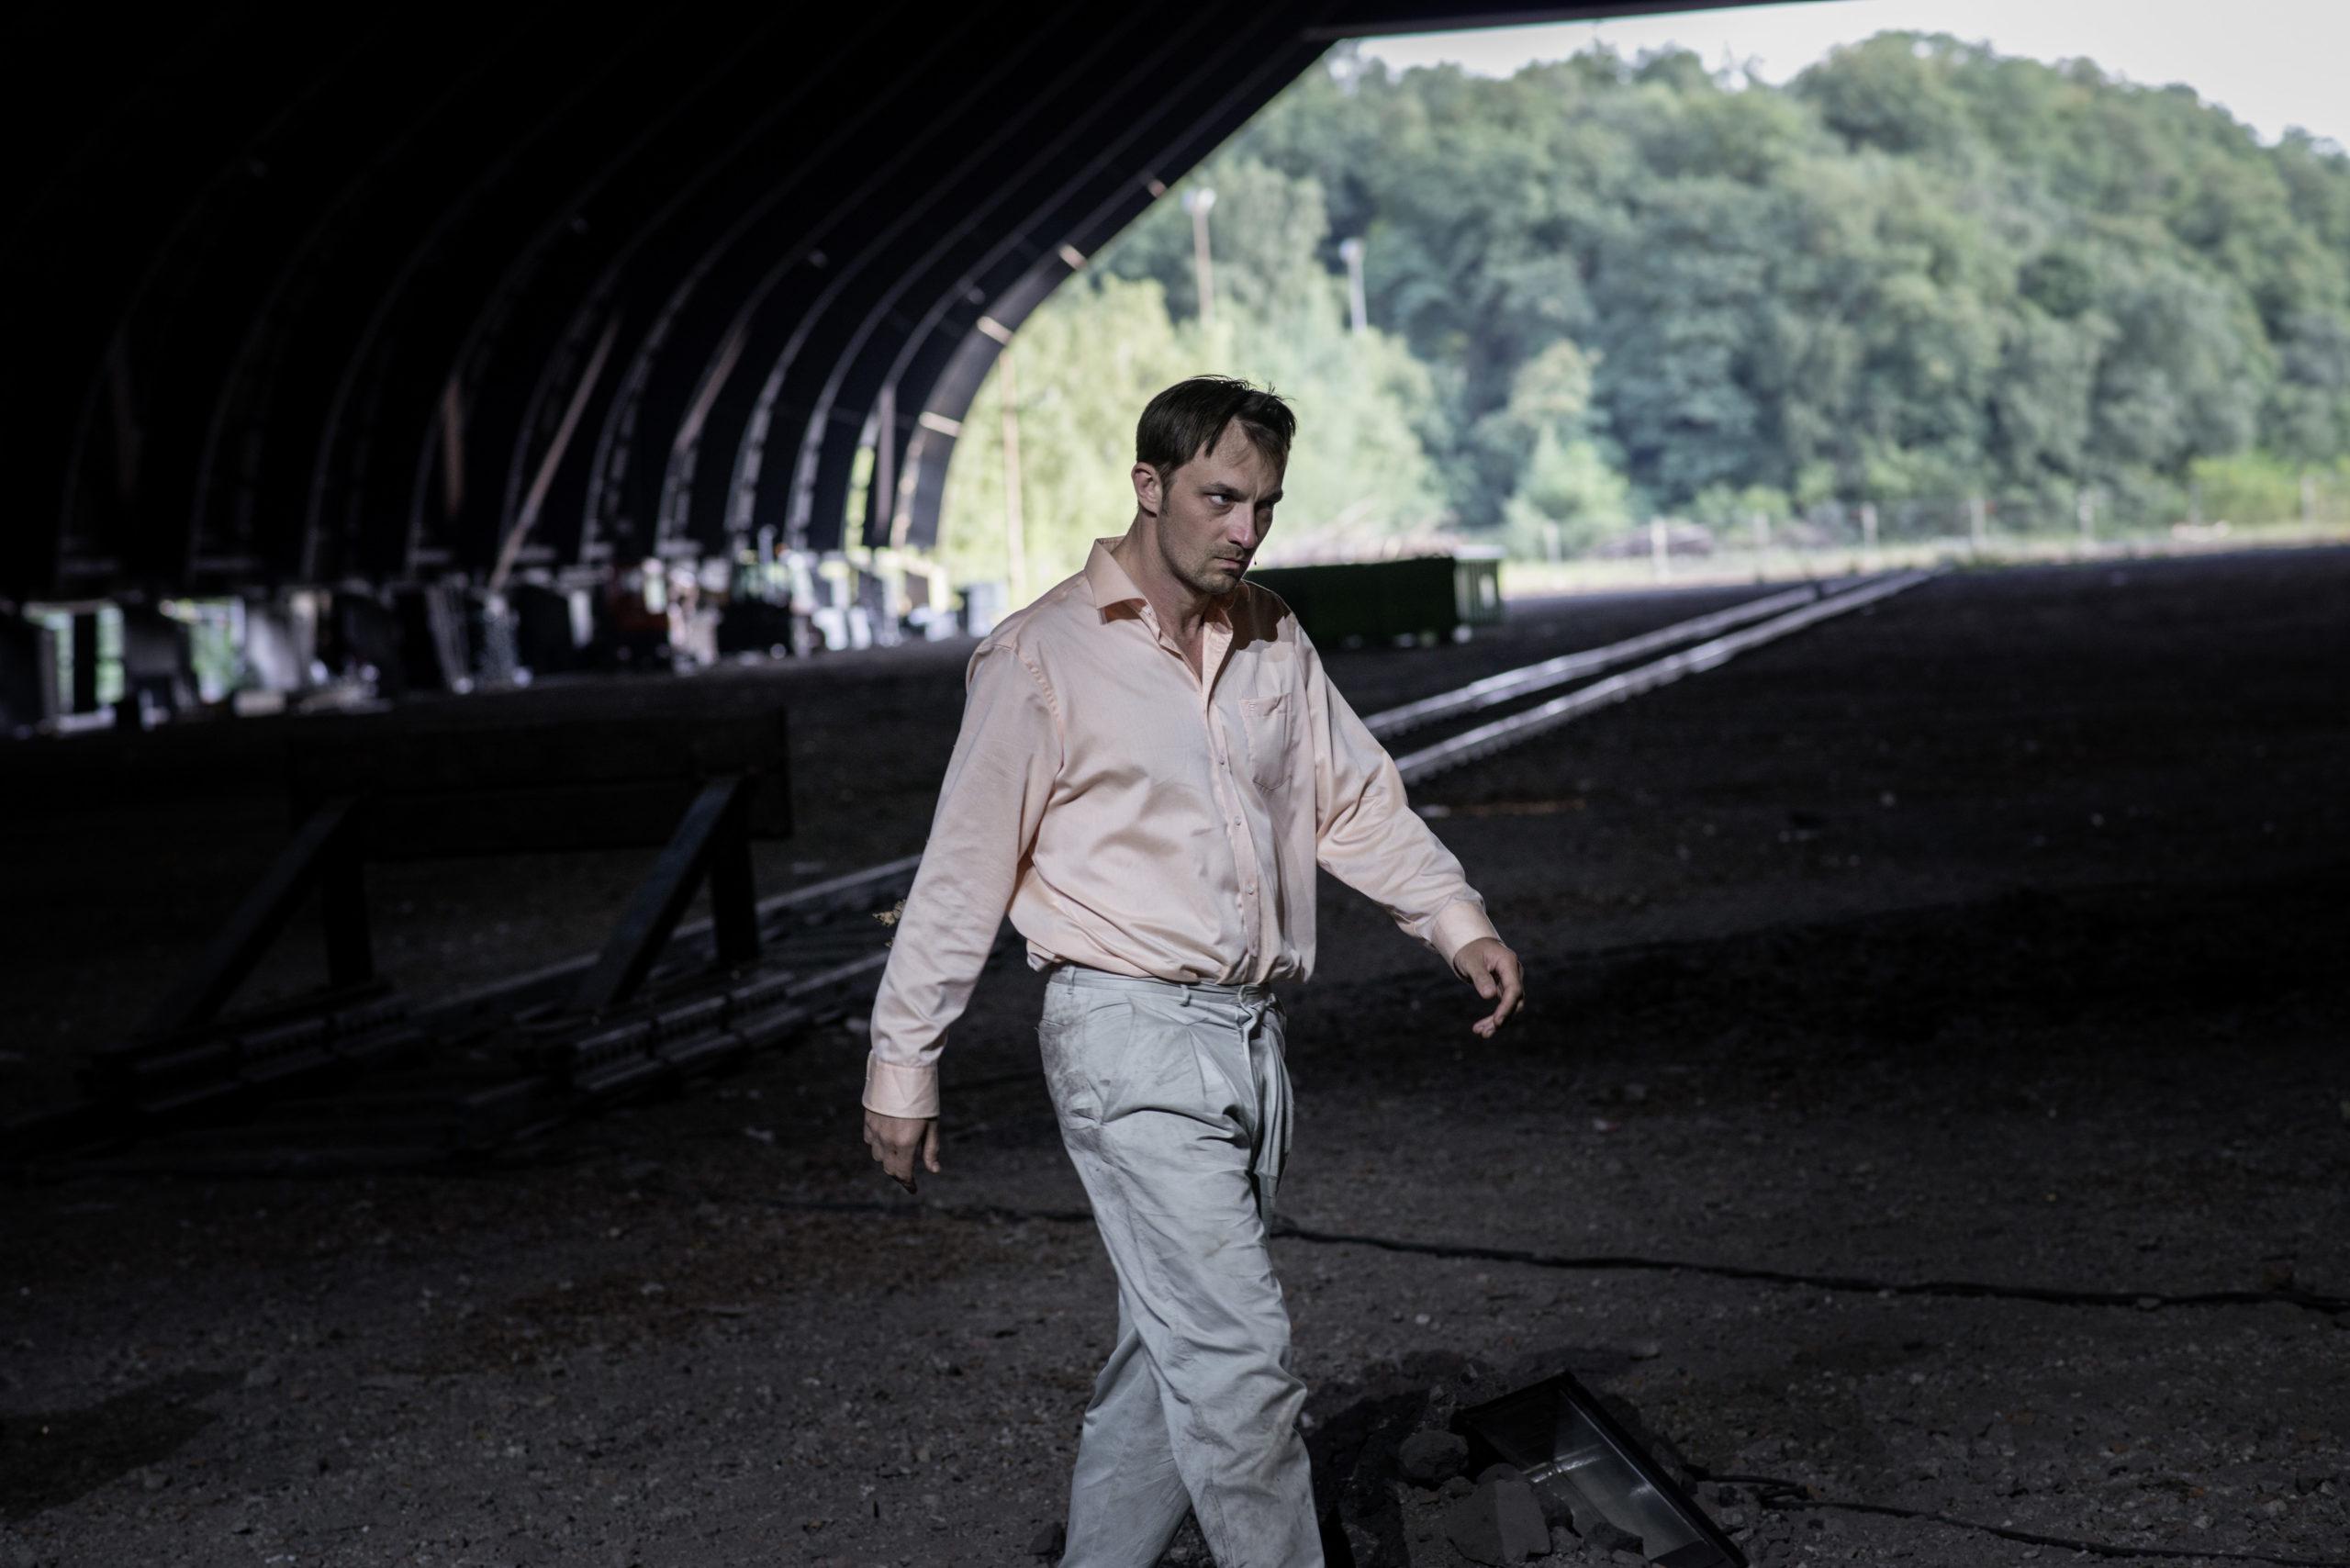 Das Leben ist die Hölle für Accatone. Auf der Ruhrtriennale ist das die Kohlenmischhalle der Zeche Lohberg. Foto: Julian Röder